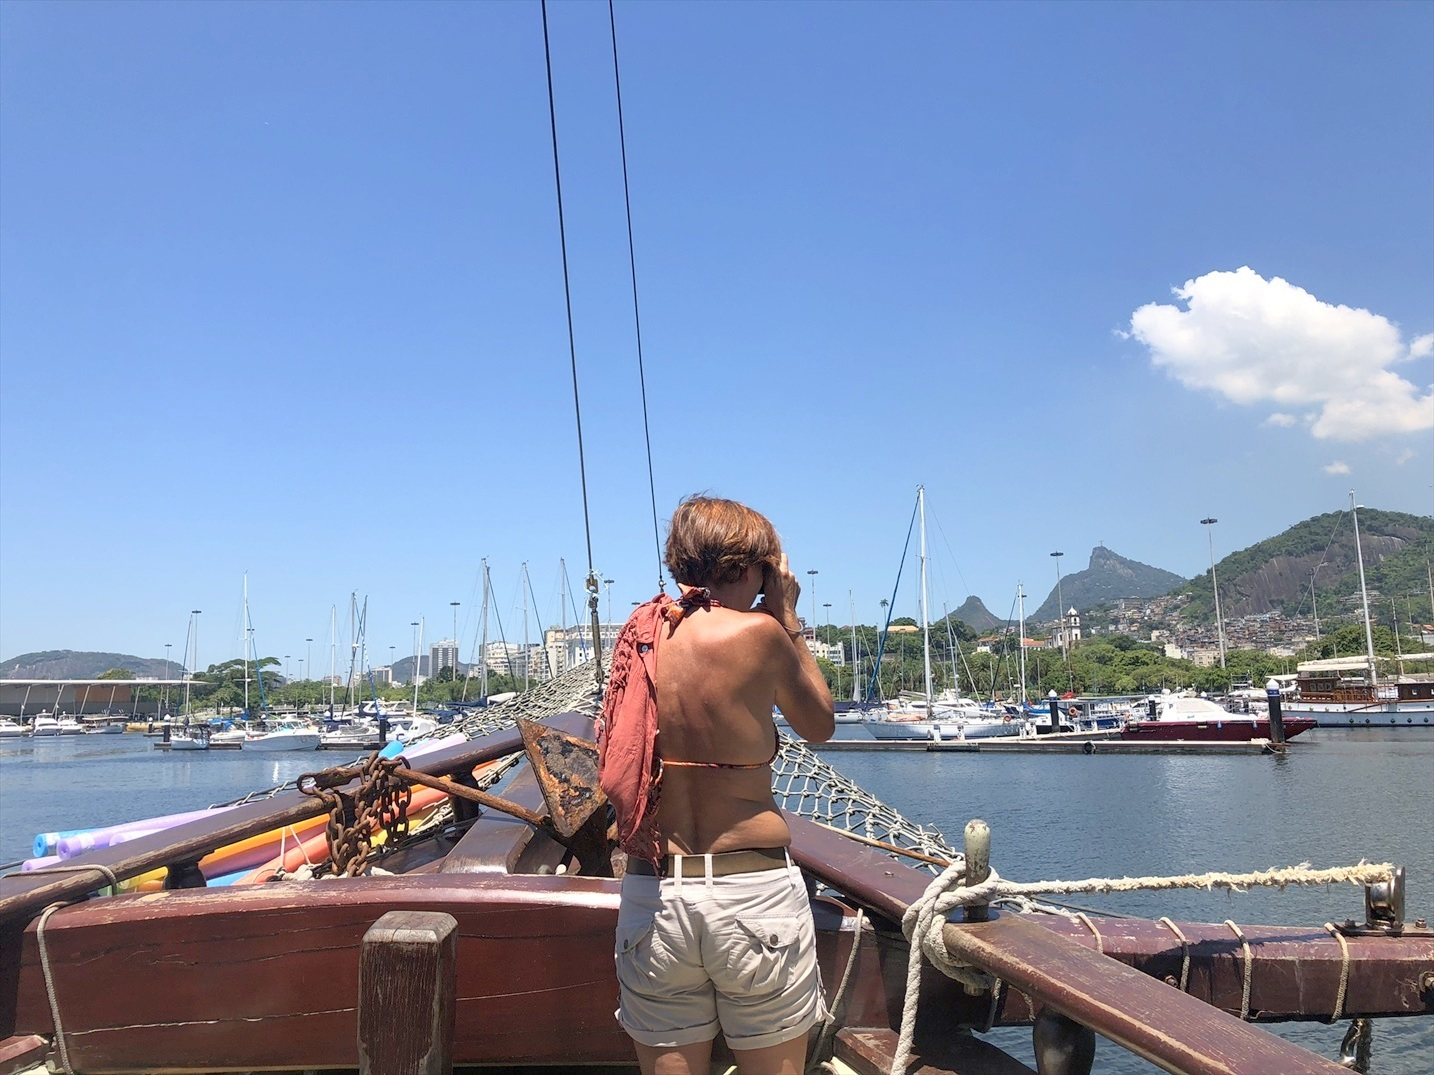 中南米の旅/50 グアナバラ湾クルージング♪@リオ・デ・ジャネイロ_a0092659_23214637.jpg